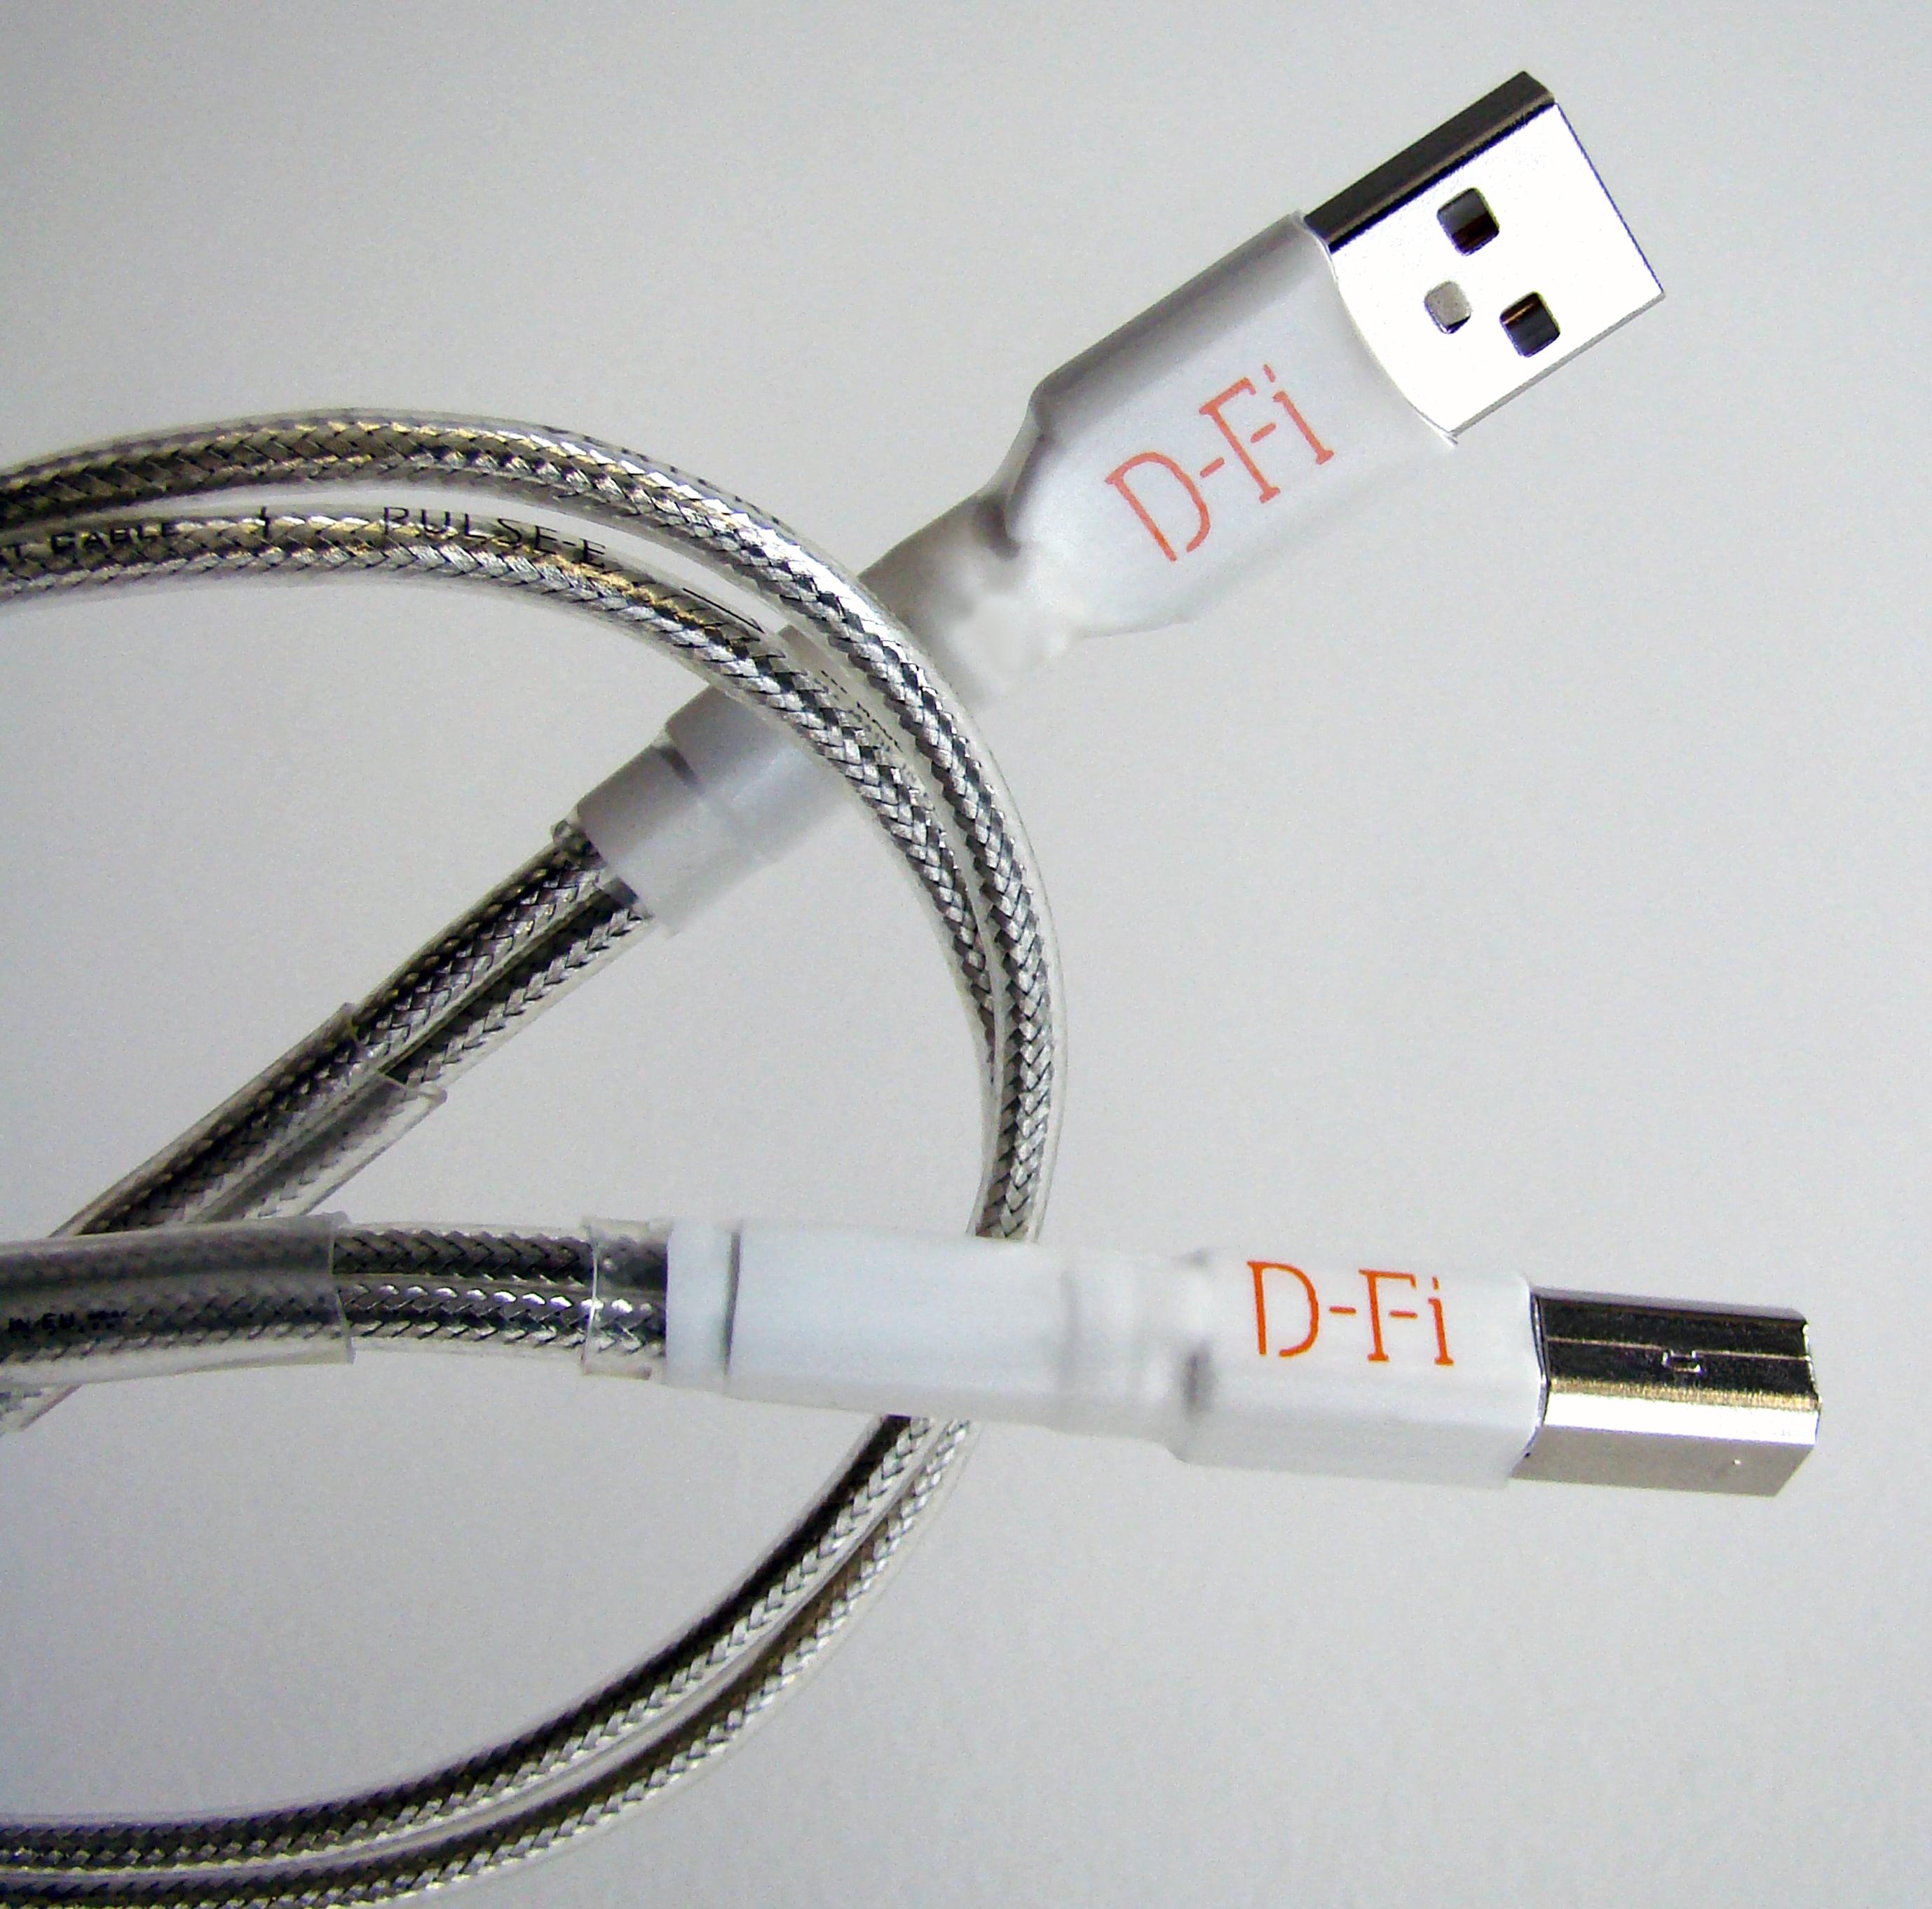 Vertere D-Fi USB 2.0 DD